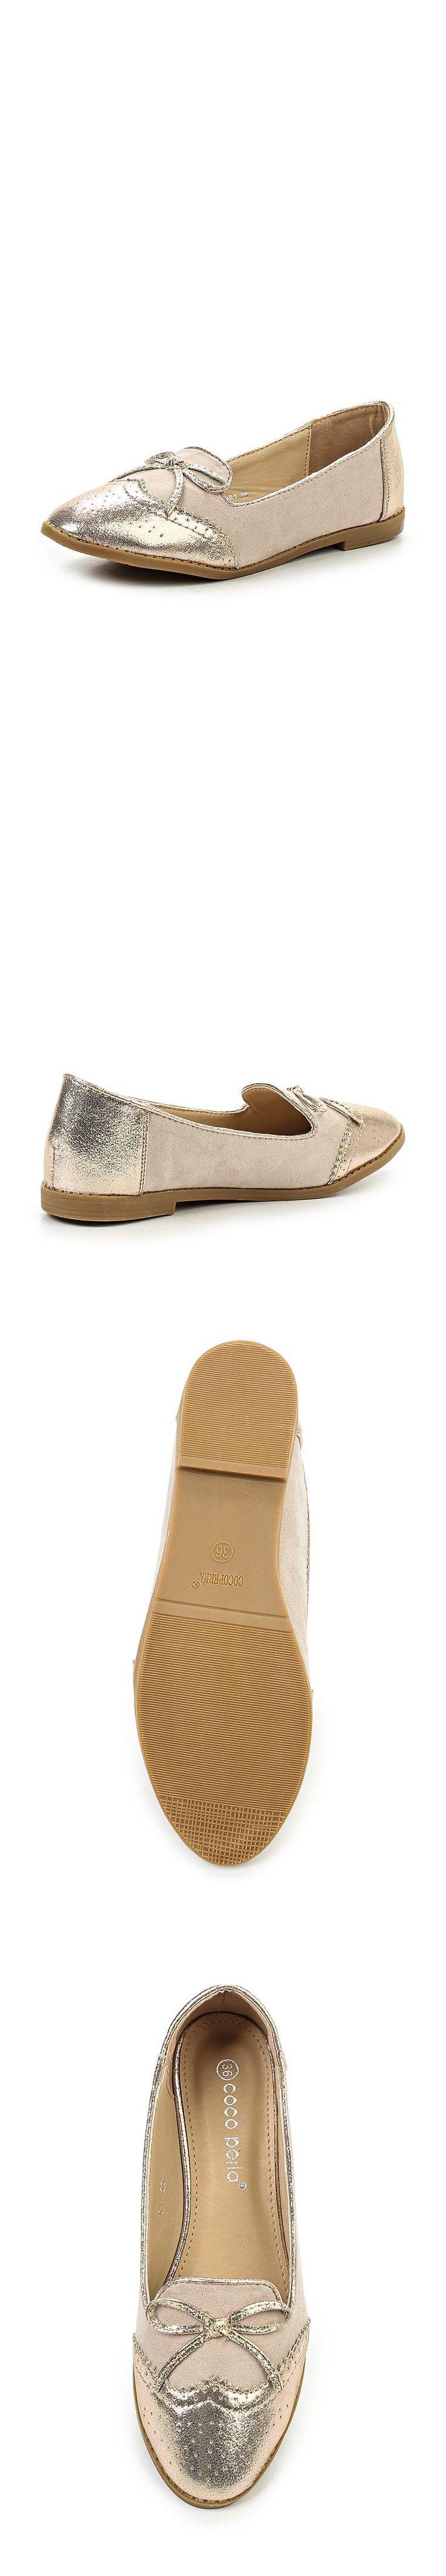 Женская обувь лоферы Coco Perla за 1750.00 руб.